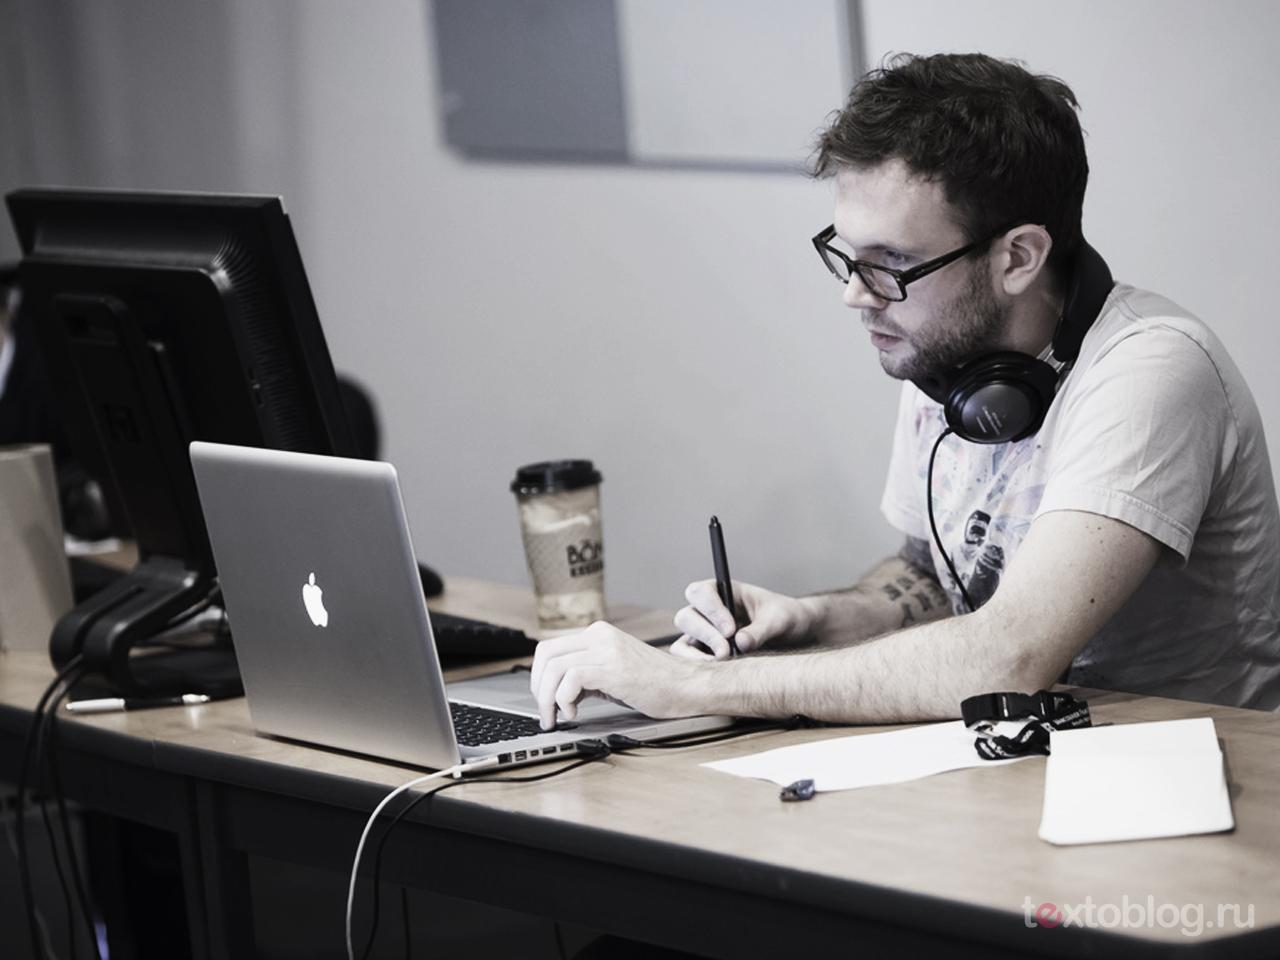 молодой человек пишет за компьютером